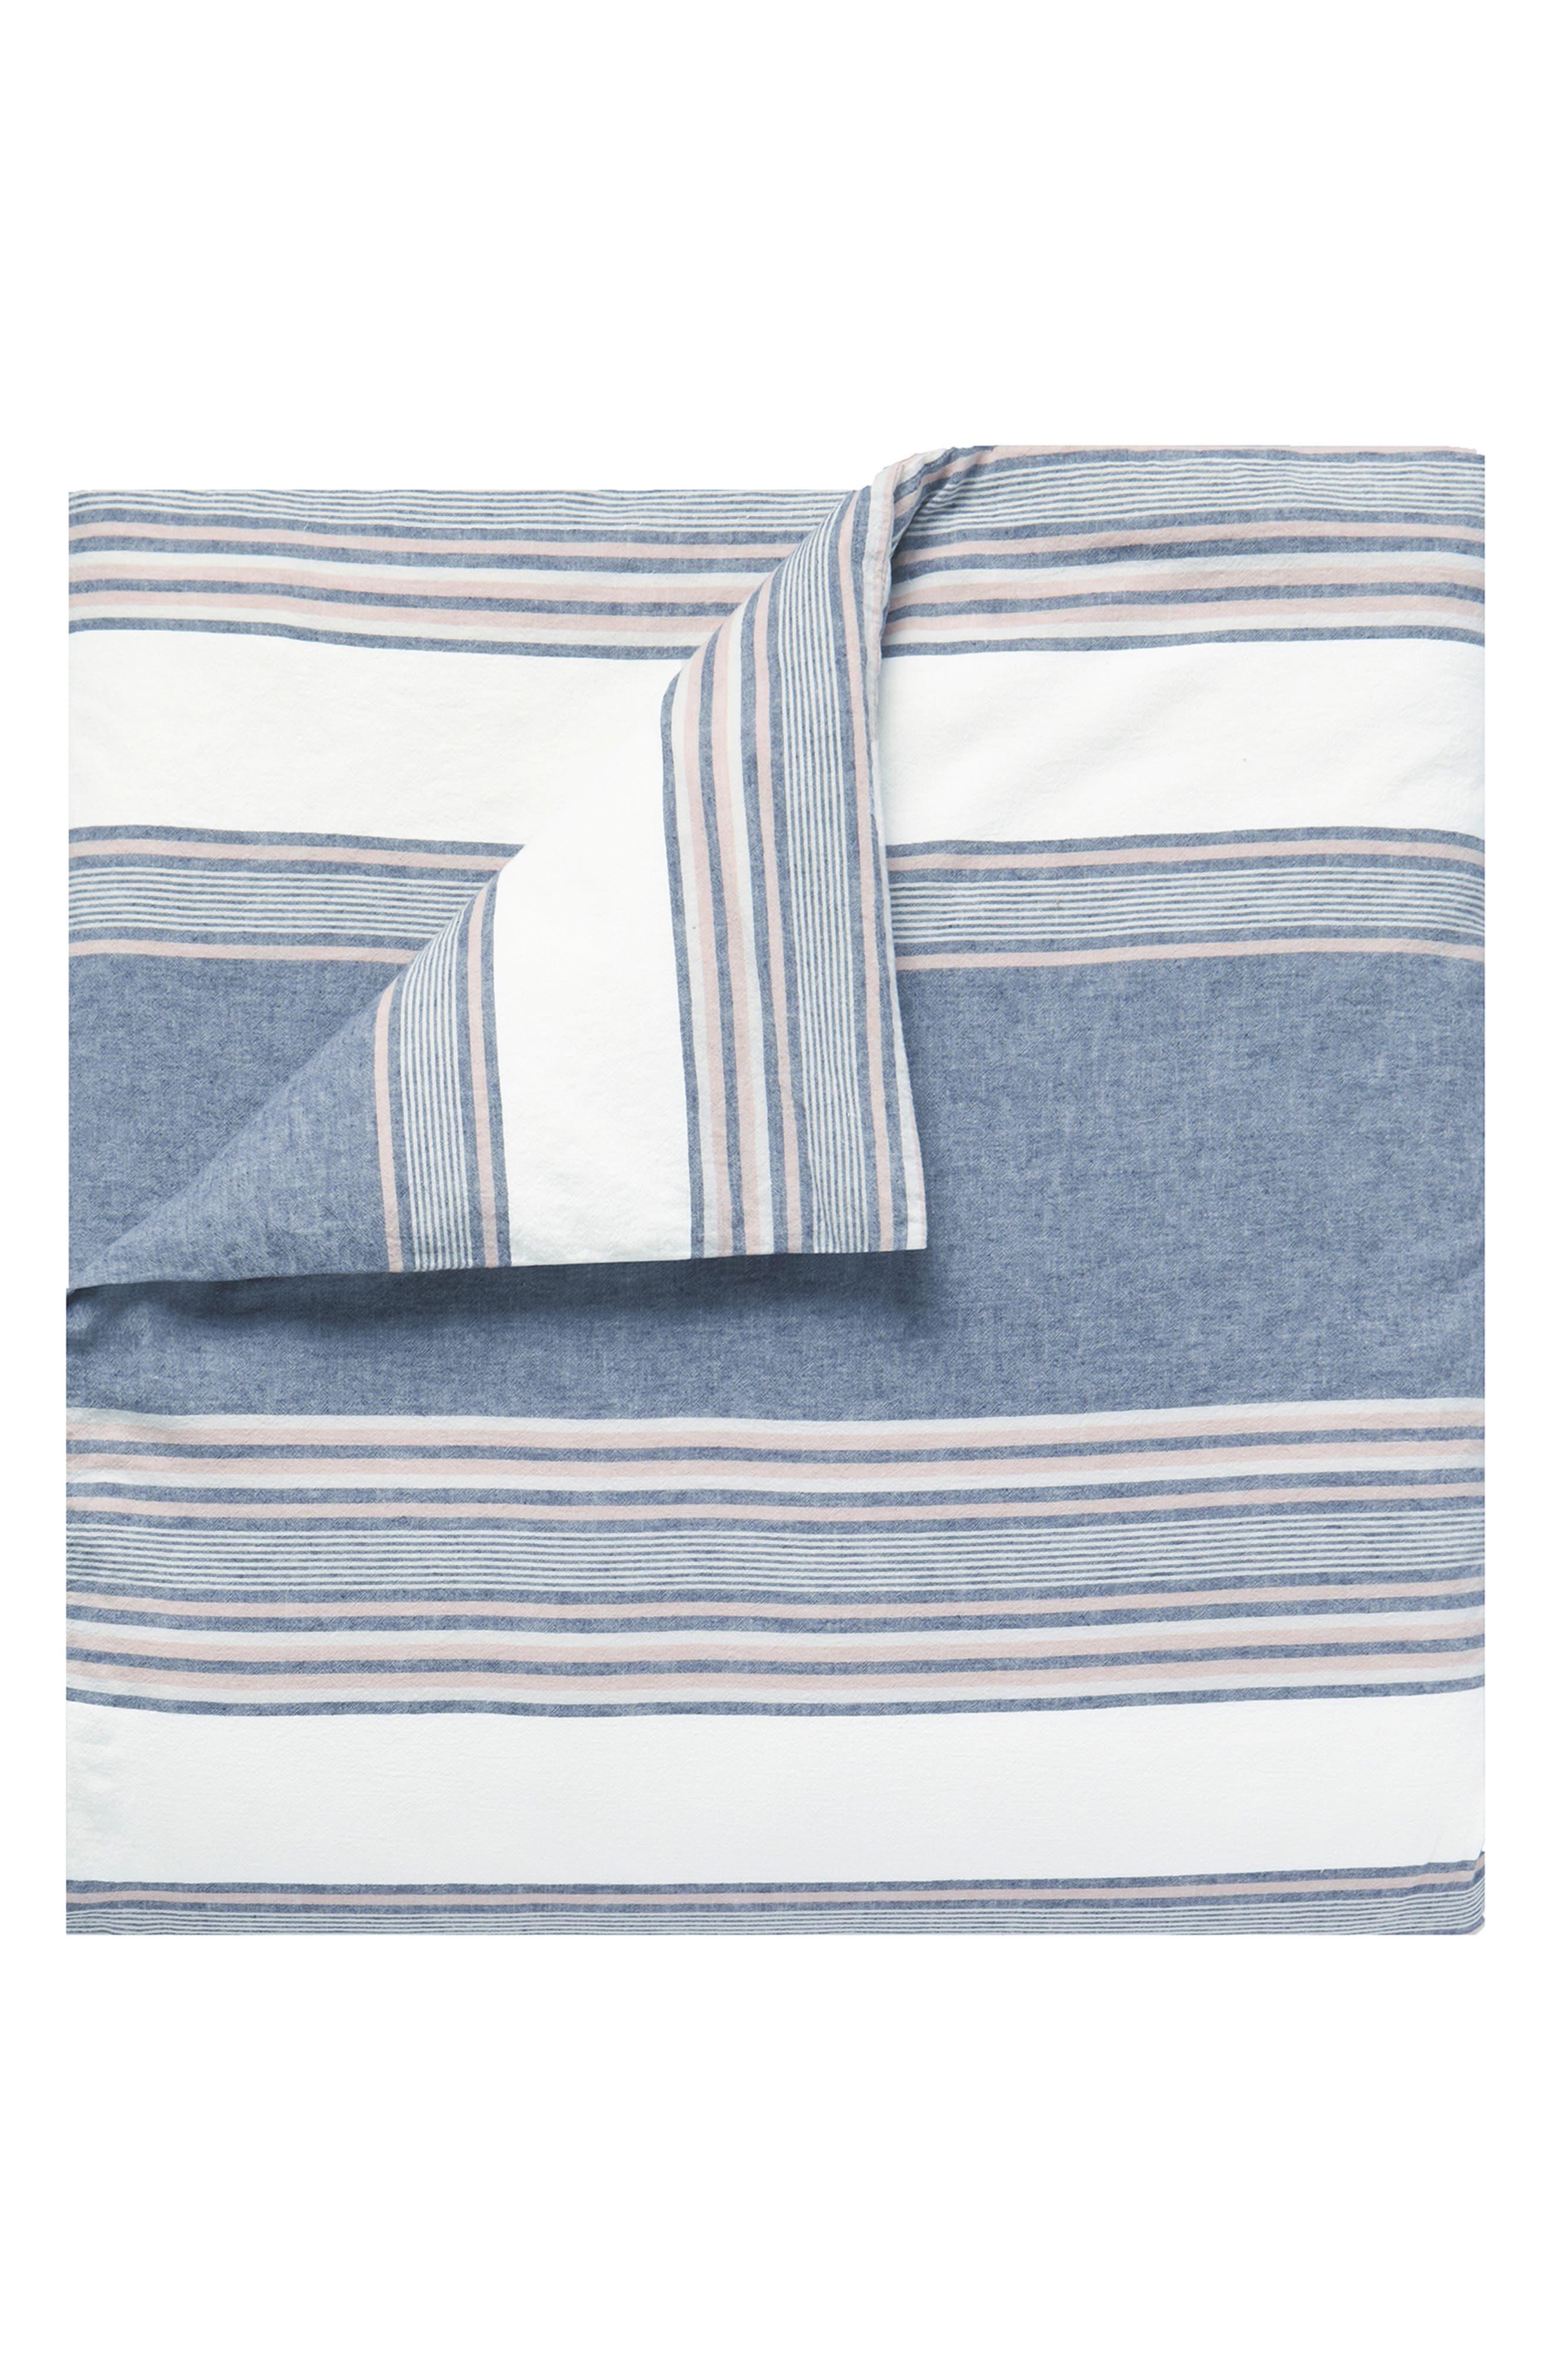 Tuscan Stripe Duvet Cover & Sham Set,                             Alternate thumbnail 5, color,                             NAVY/ MULTI